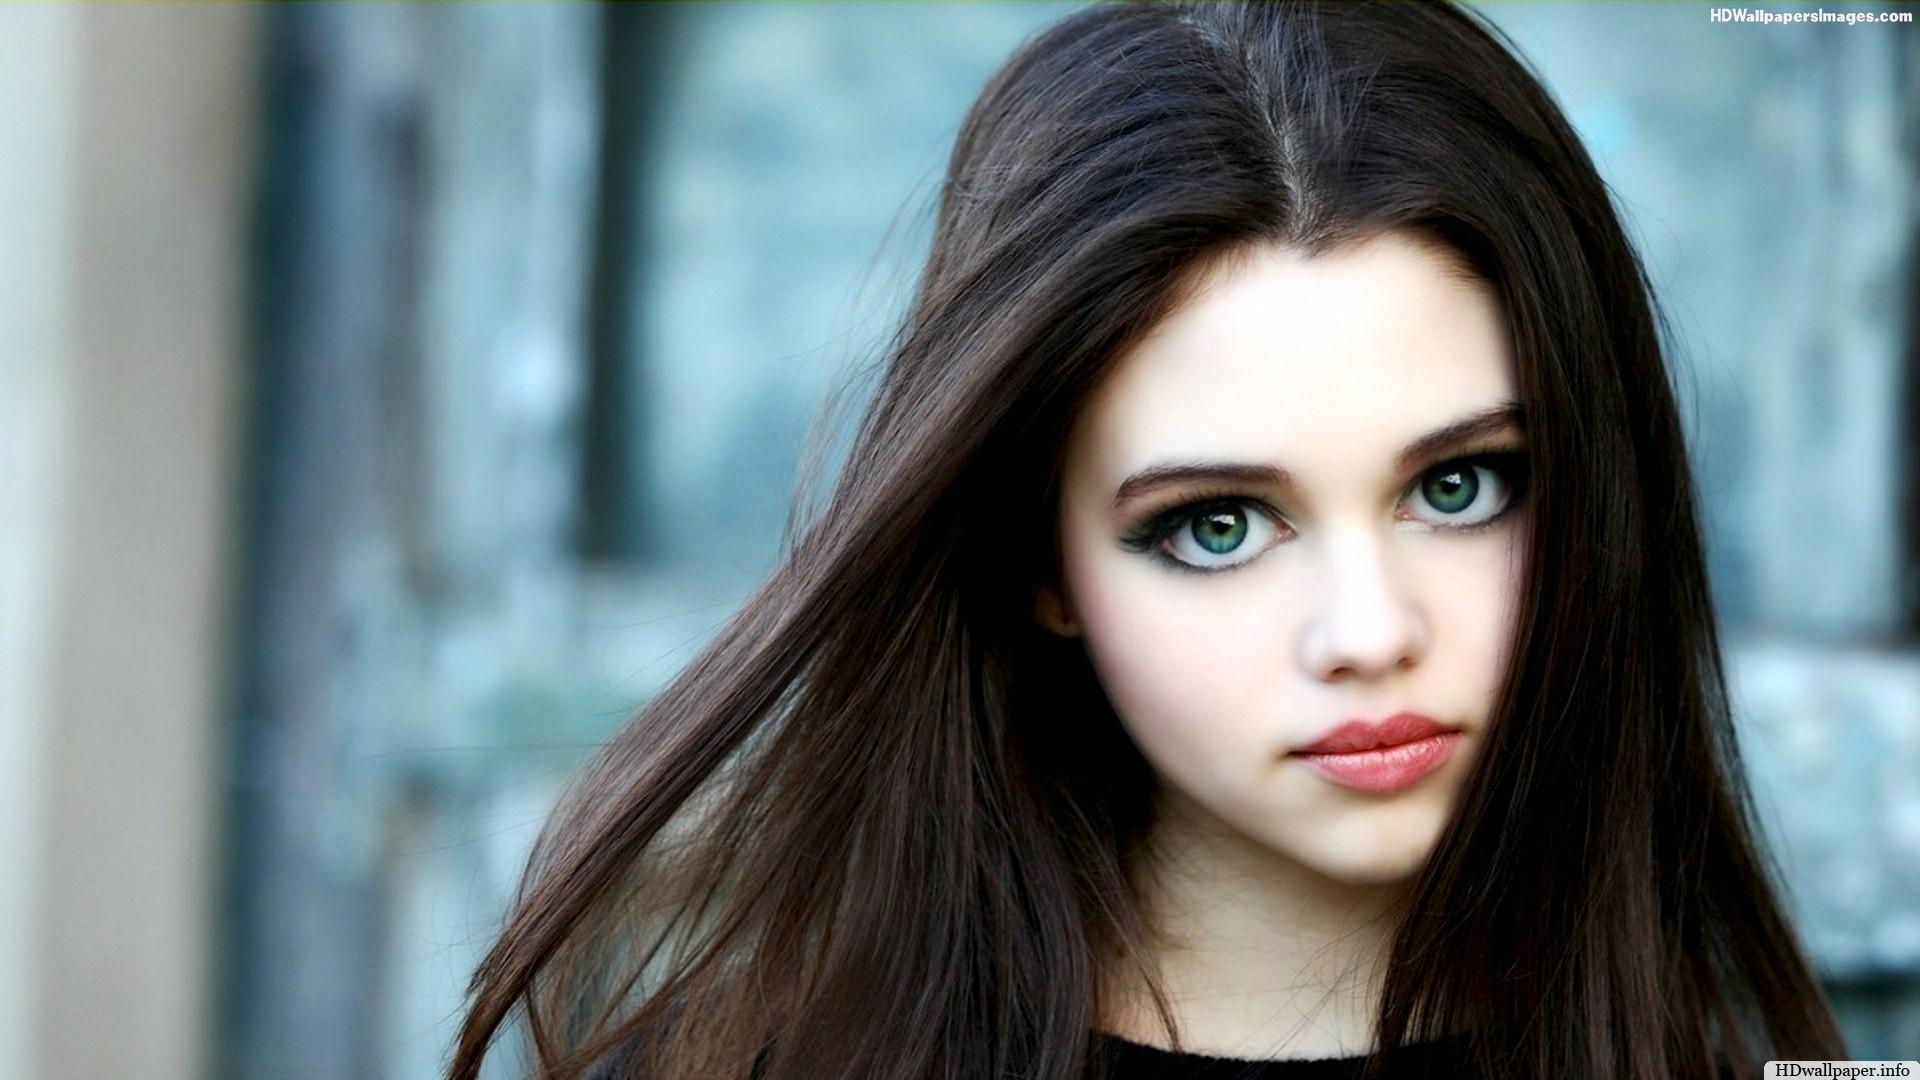 cute girl id: 44325 / Source